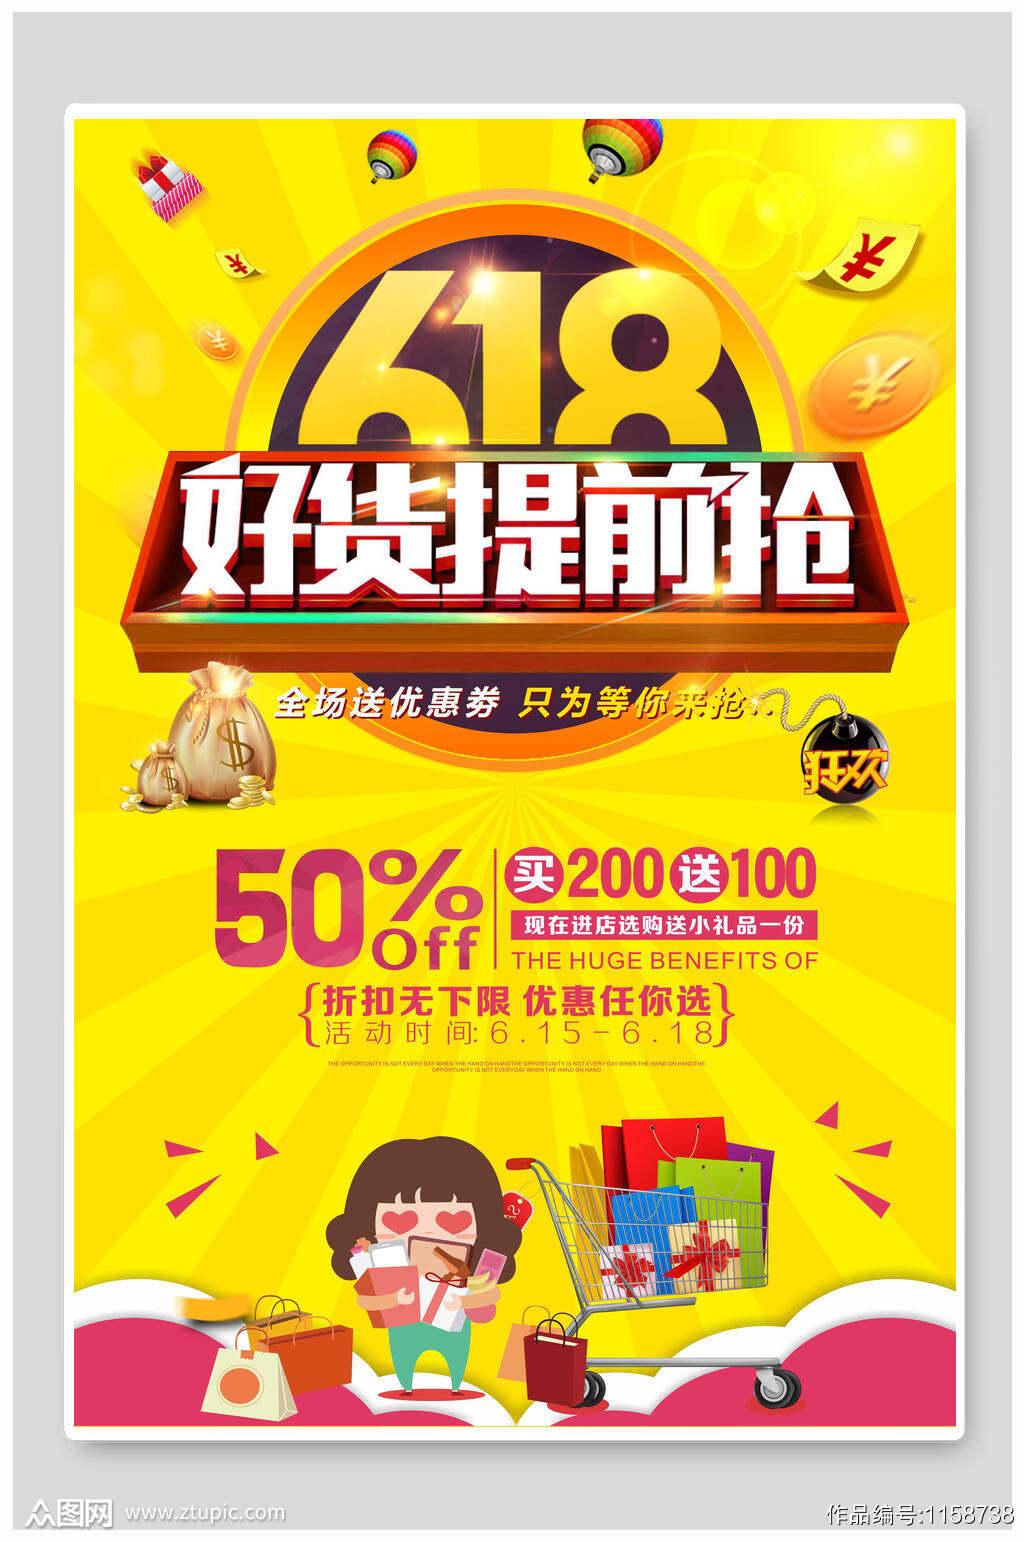 618促销海报设计素材